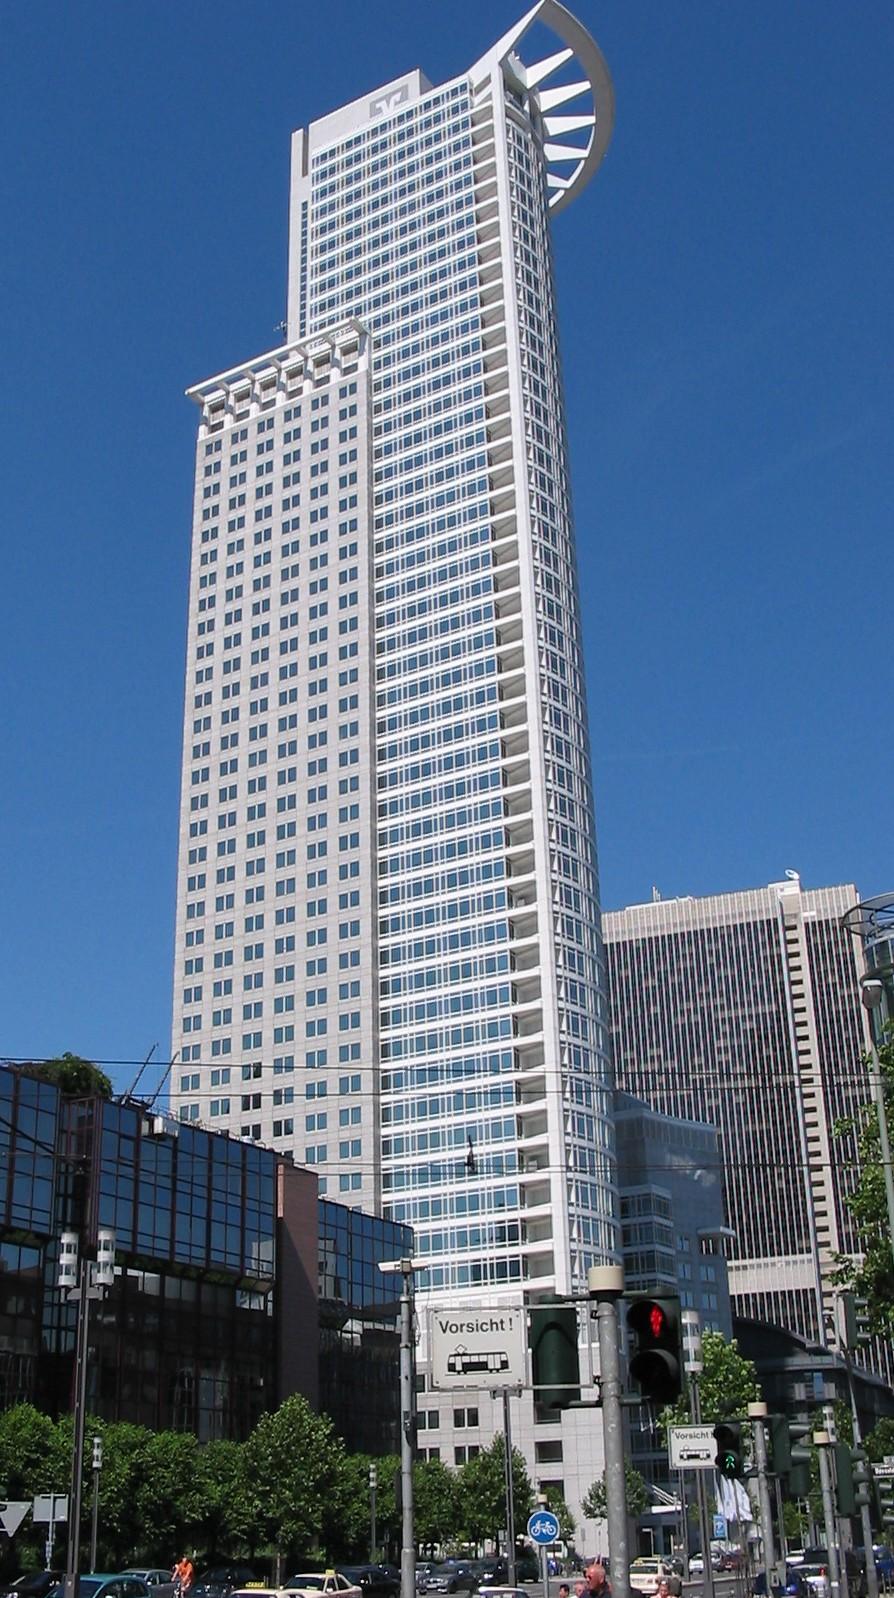 Dz Bank Wikipedia